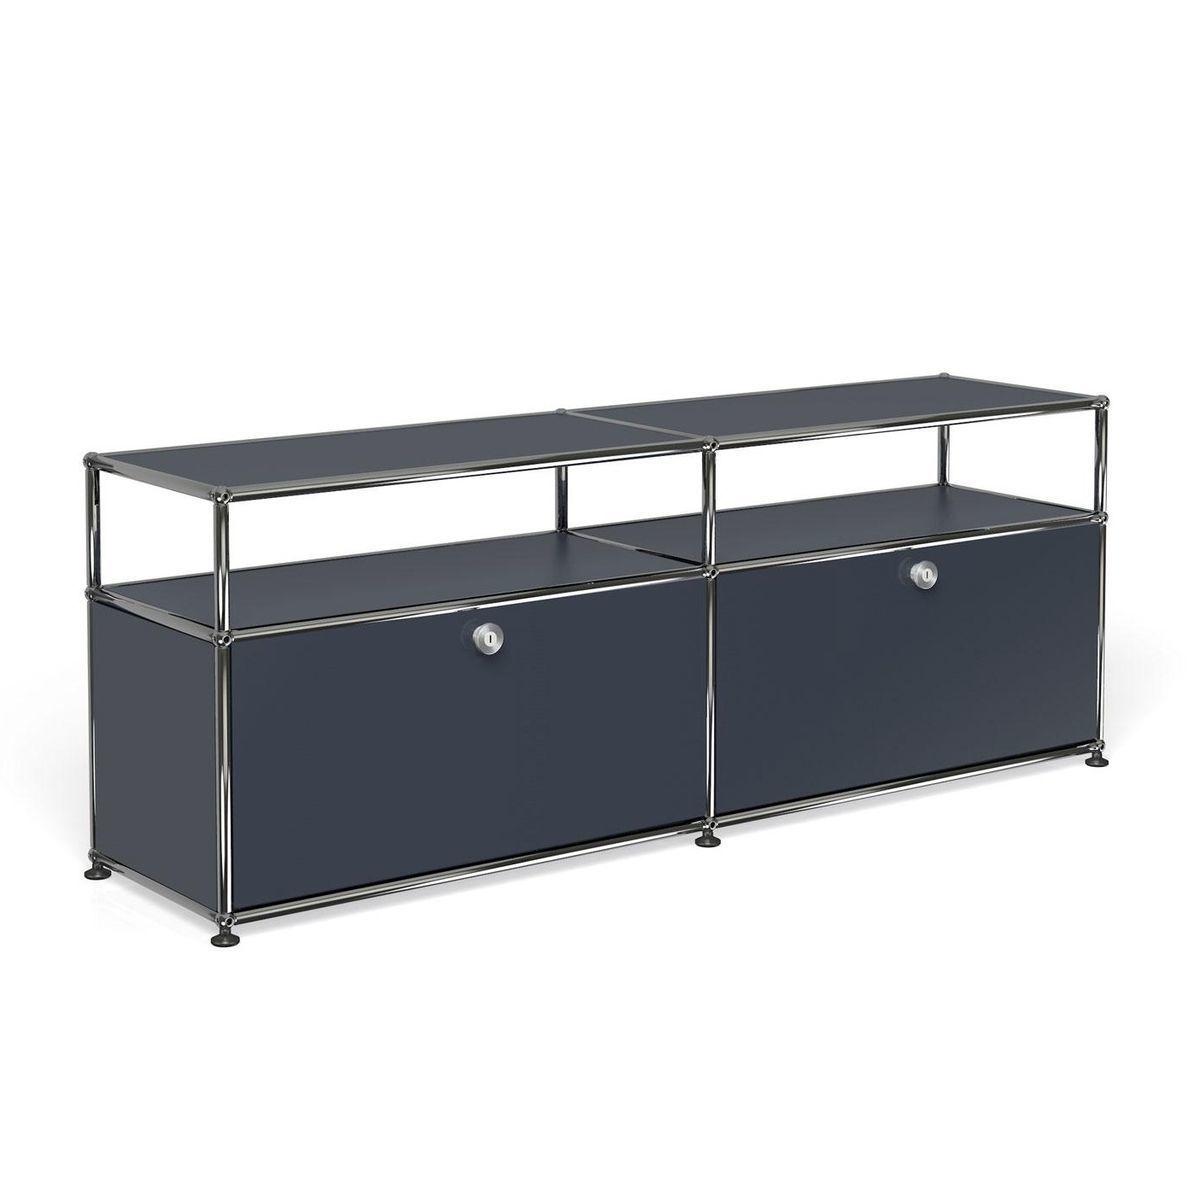 usm lowboard con 2 puertas bajas usm haller. Black Bedroom Furniture Sets. Home Design Ideas